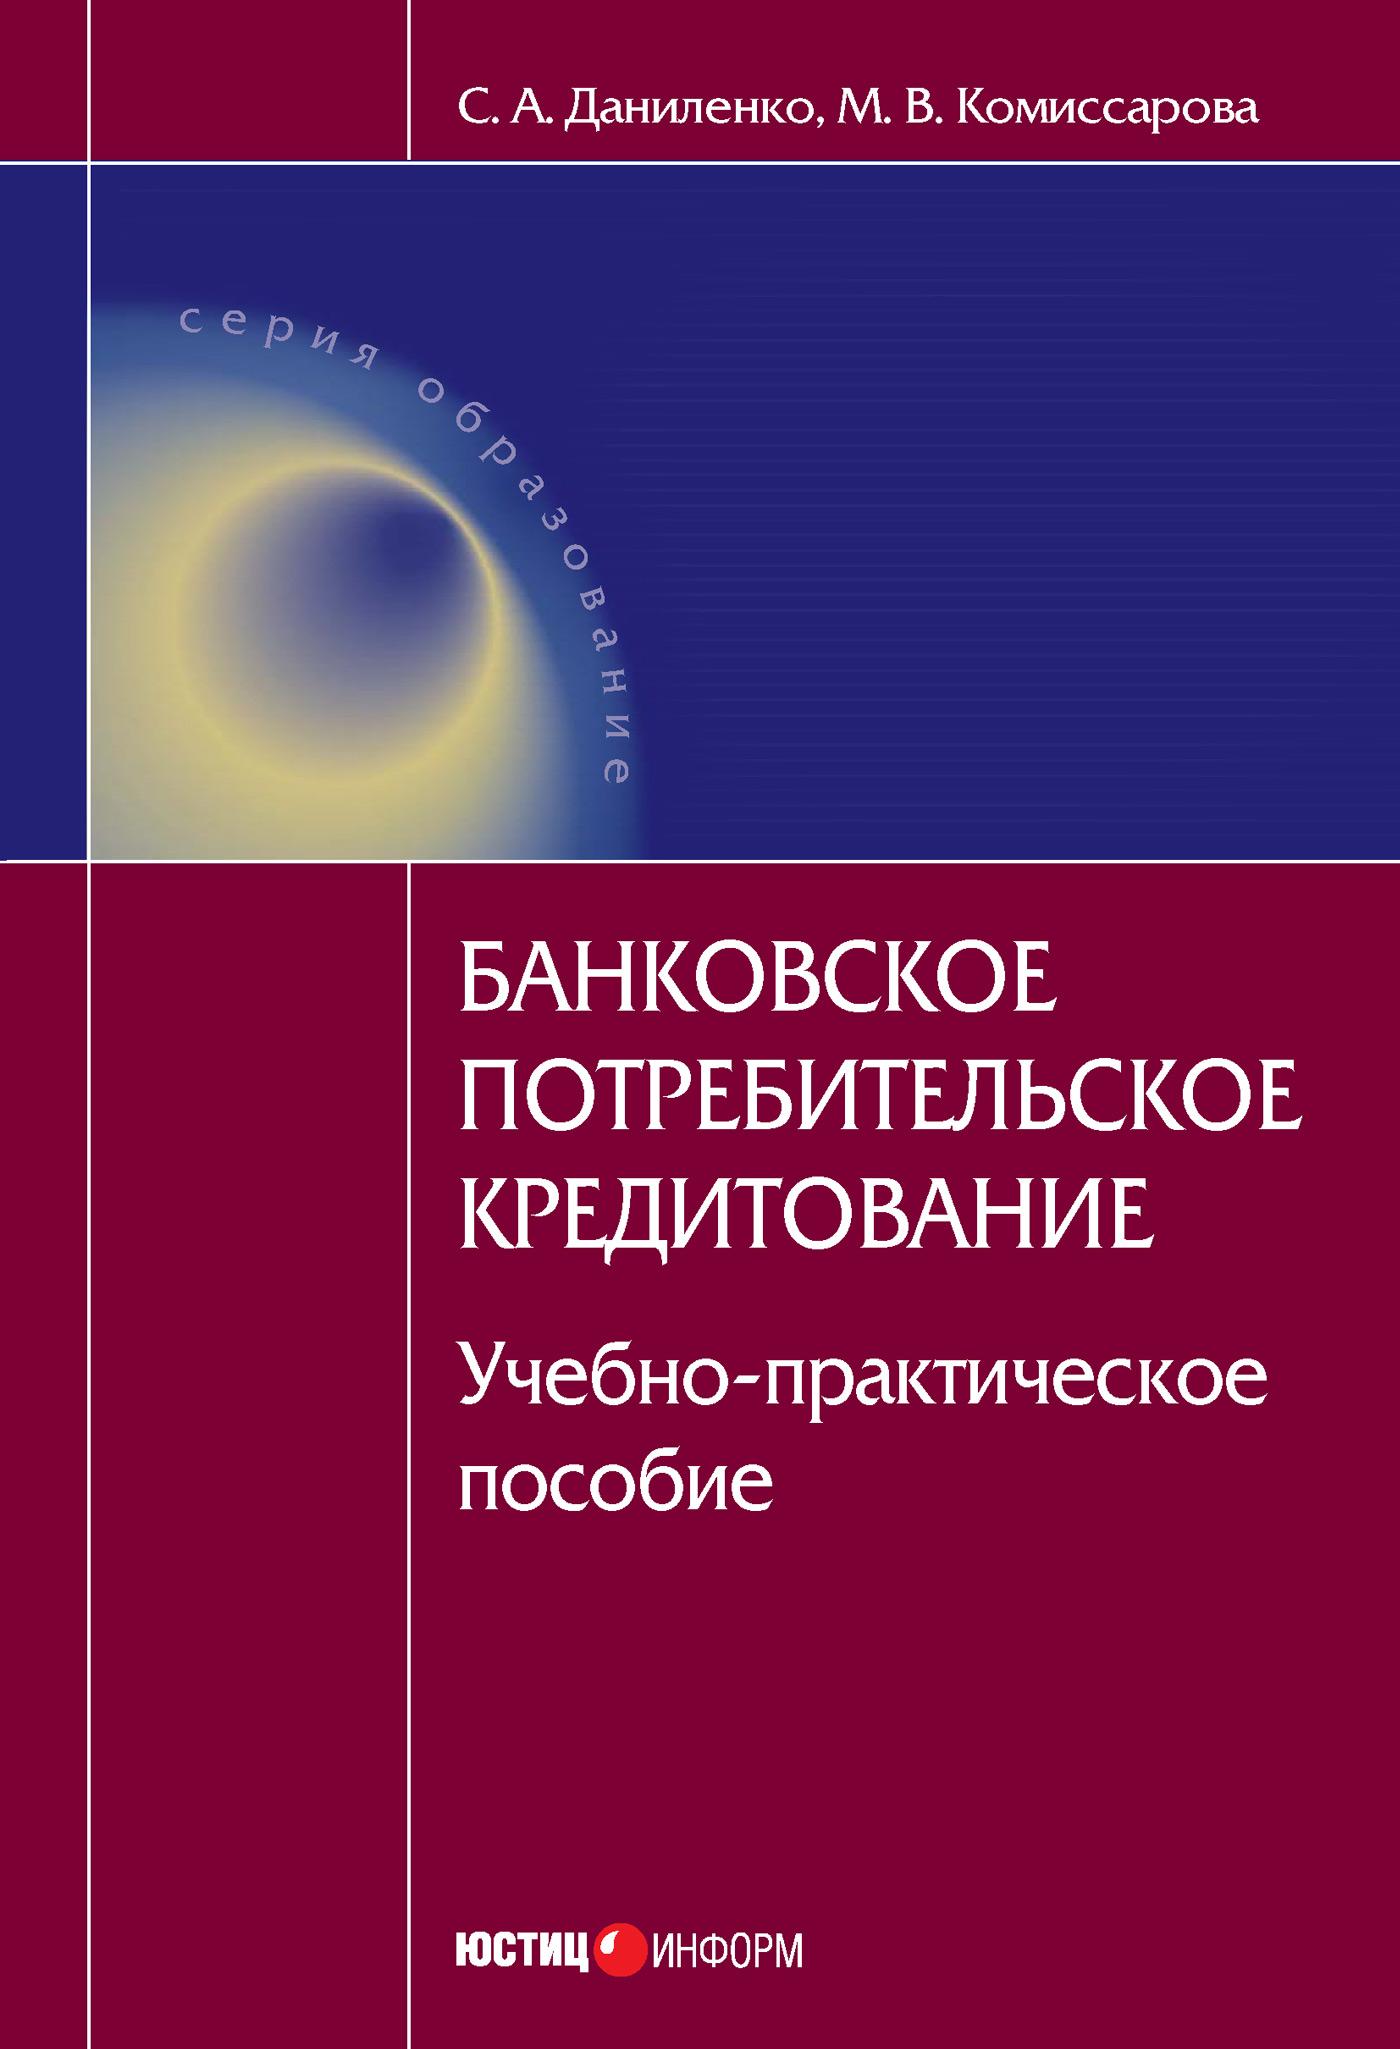 Обложка книги. Автор - Мария Комиссарова